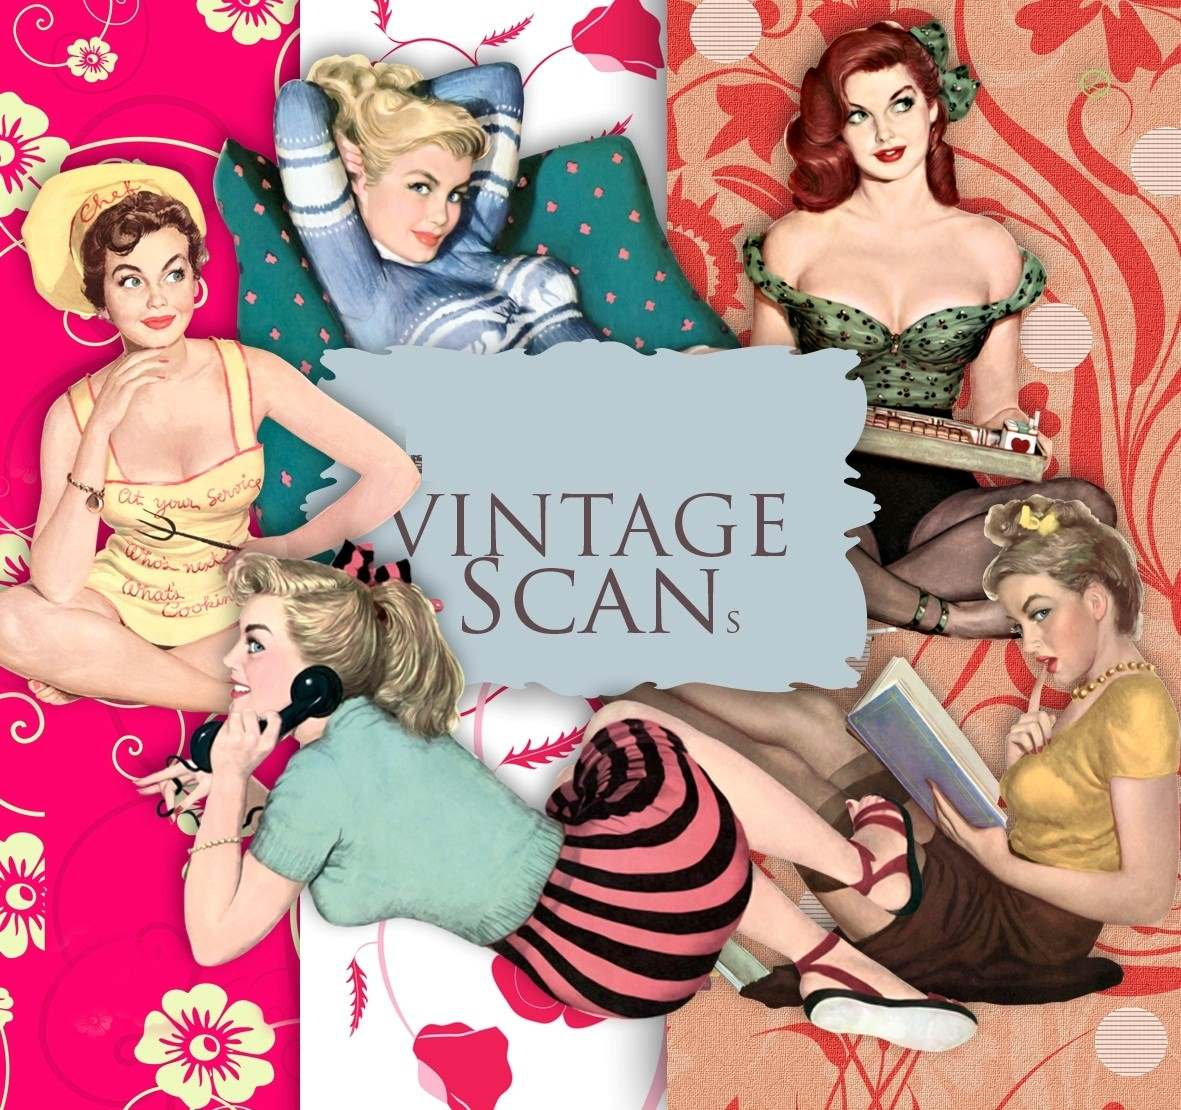 Adult retro vintage